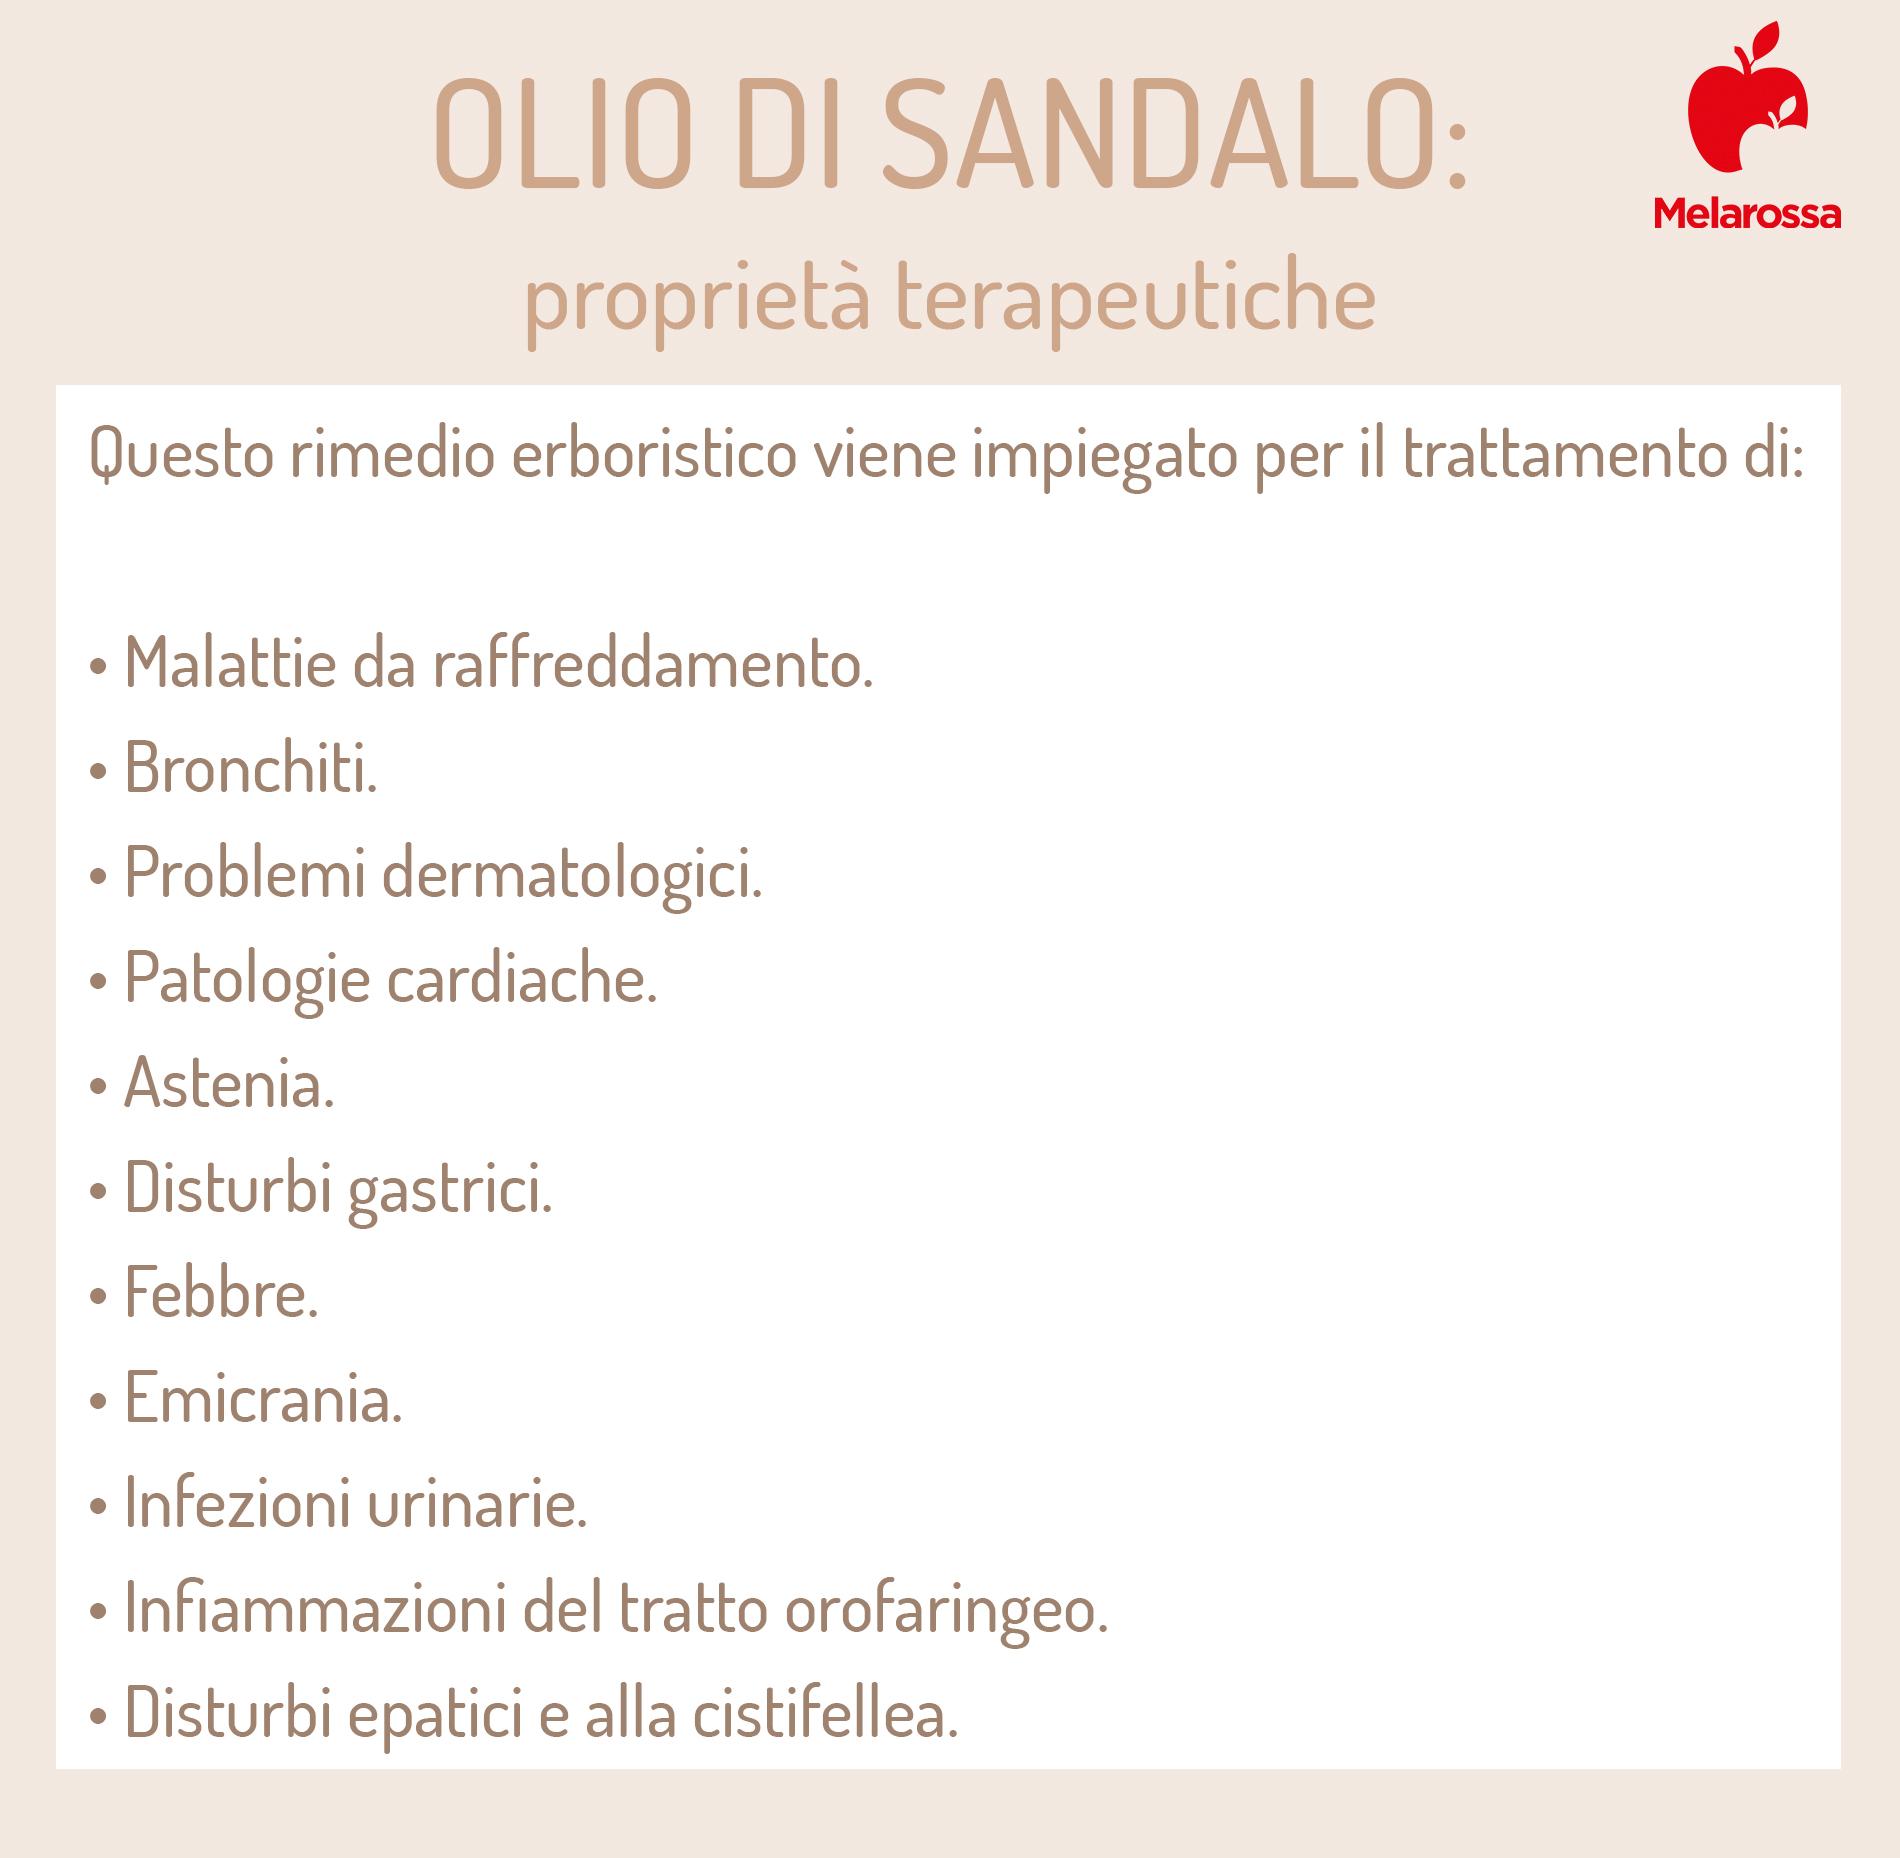 olio di sandalo: proprietà terapeutiche